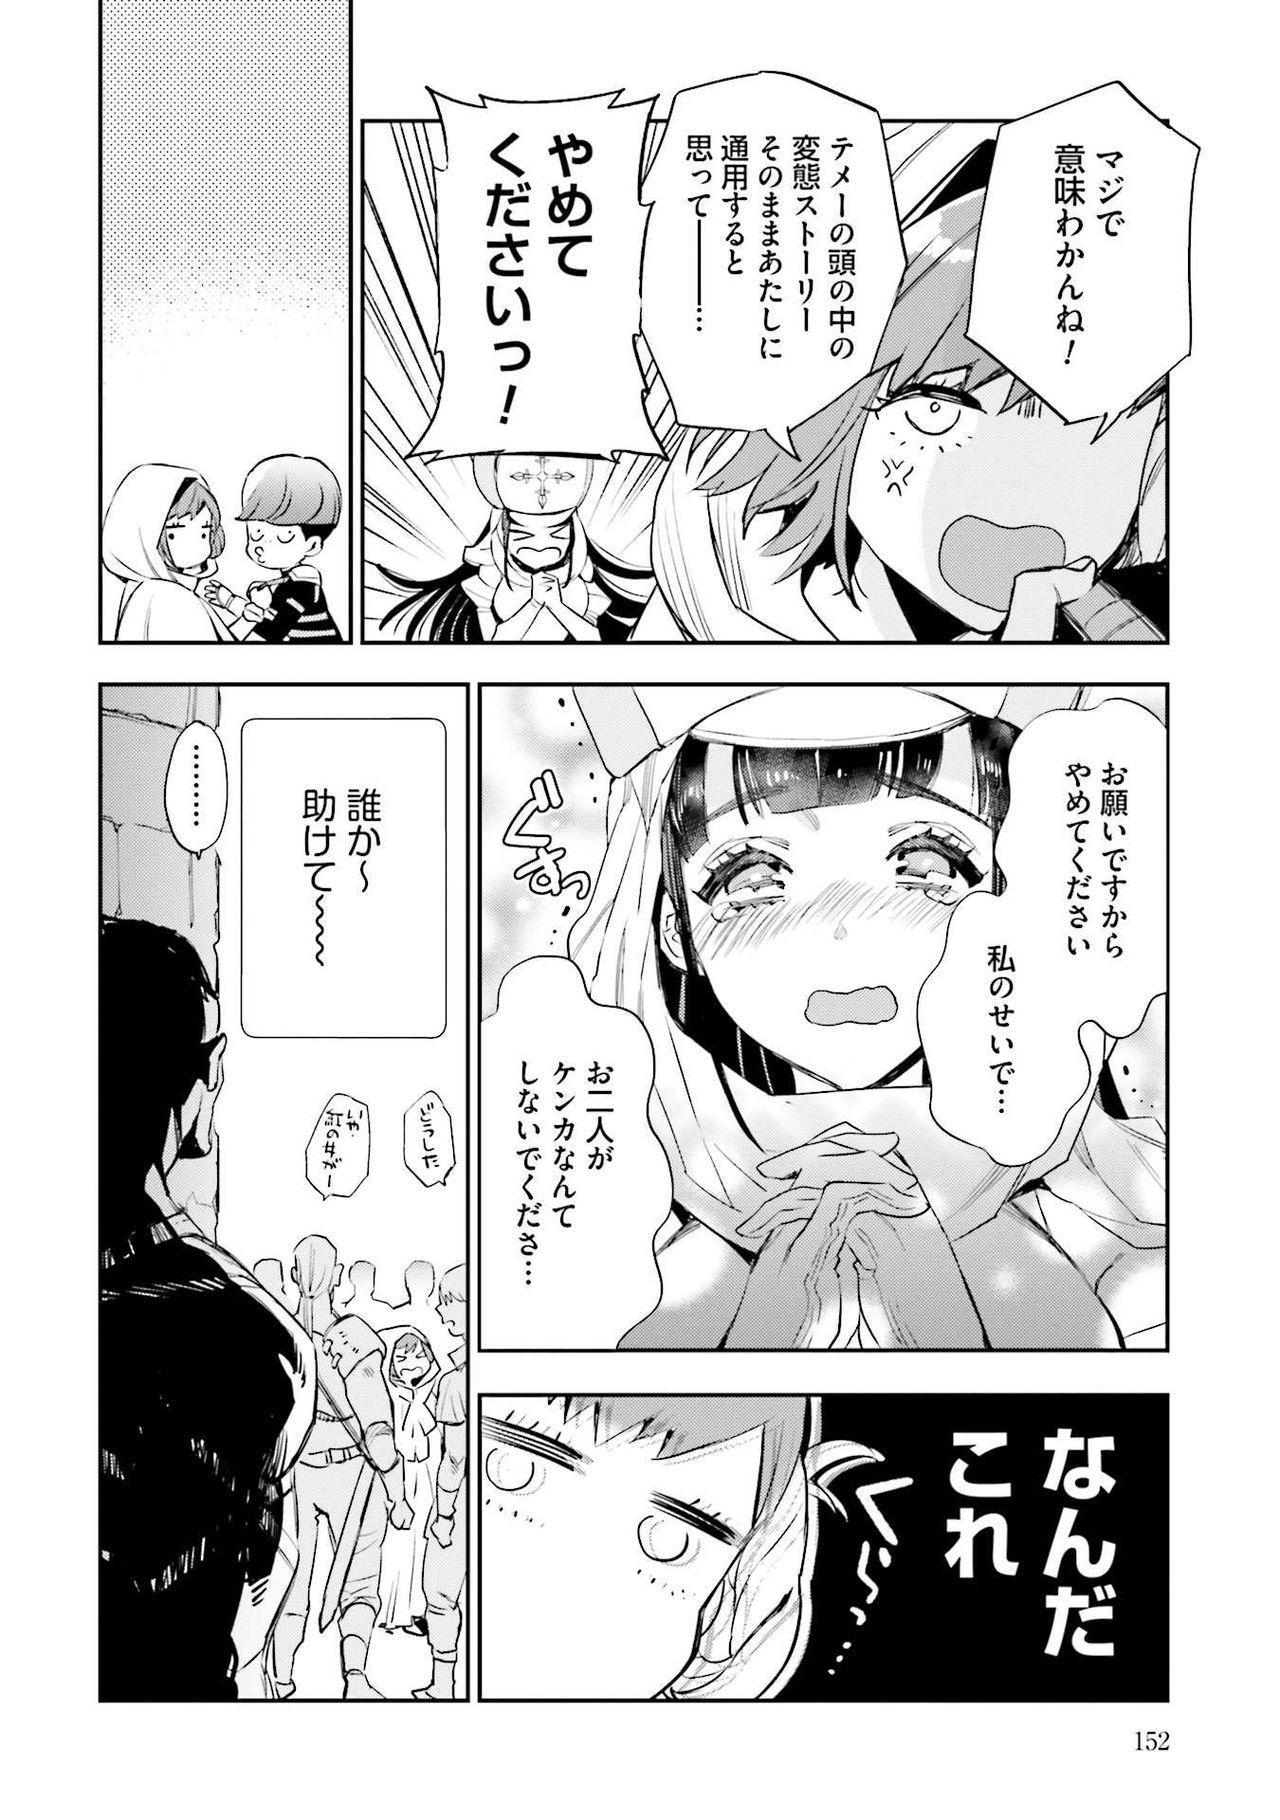 JK Haru wa Isekai de Shoufu ni Natta 1-14 153